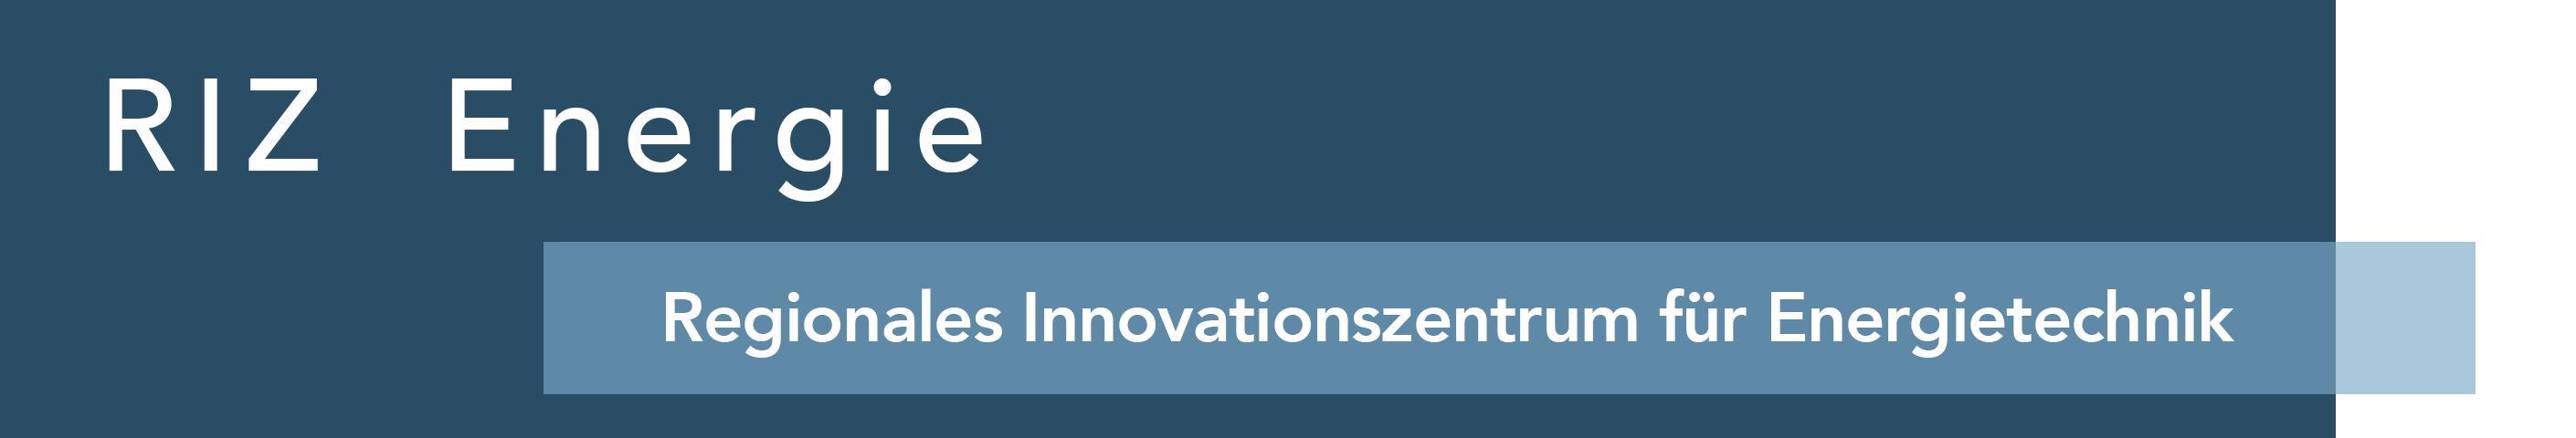 Titel RIZ Energie - Regionales Innovationszentrum für Energietechnik Offenburg